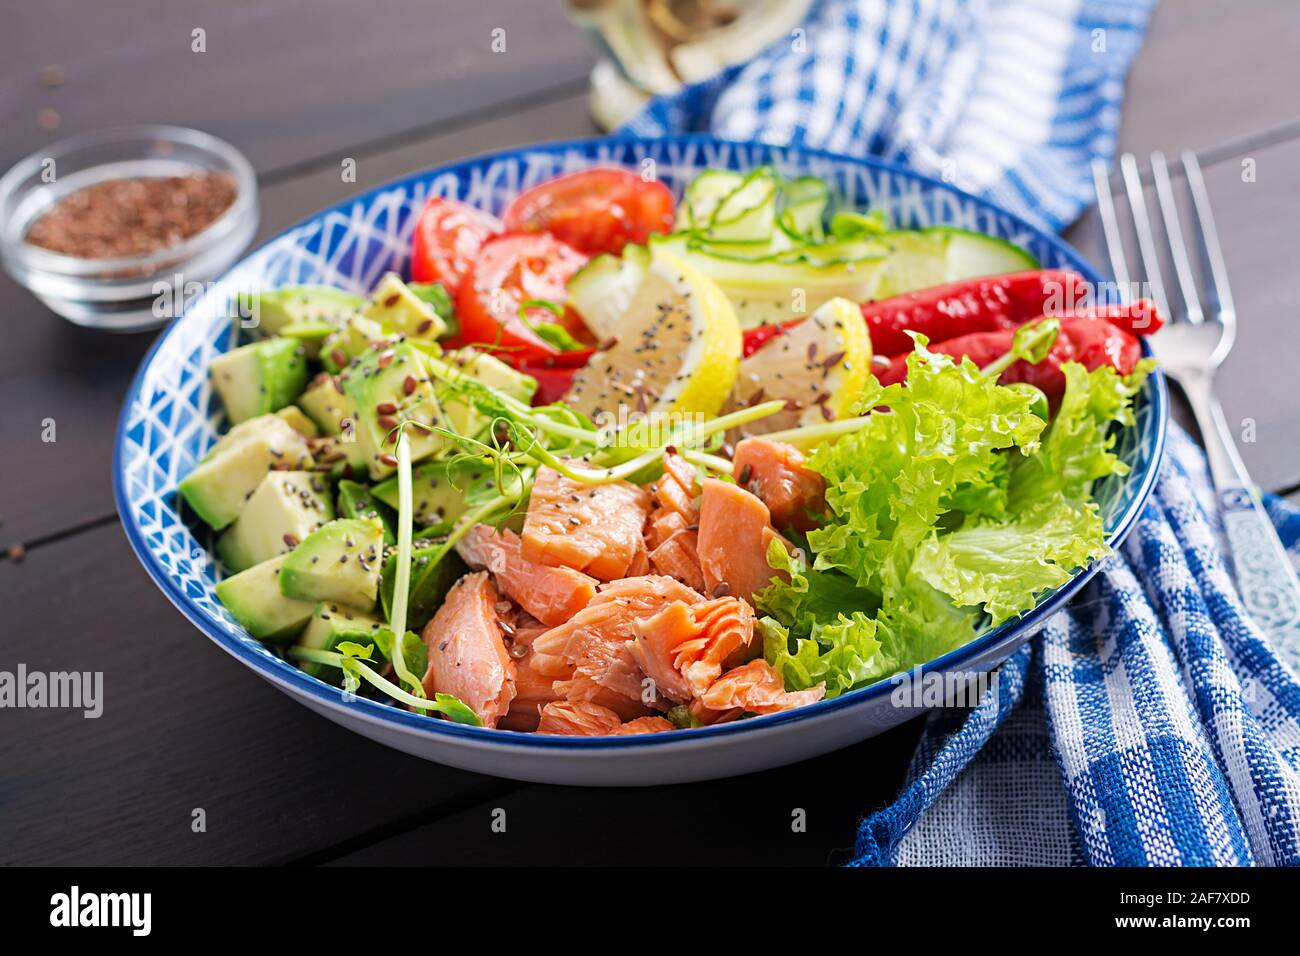 Una sana il salmone grigliato, avocado, pomodoro, cetriolo, paprika e semi di Chia. Pranzo equilibrato in blu ciotola. Ciotola di Buddha. Foto Stock